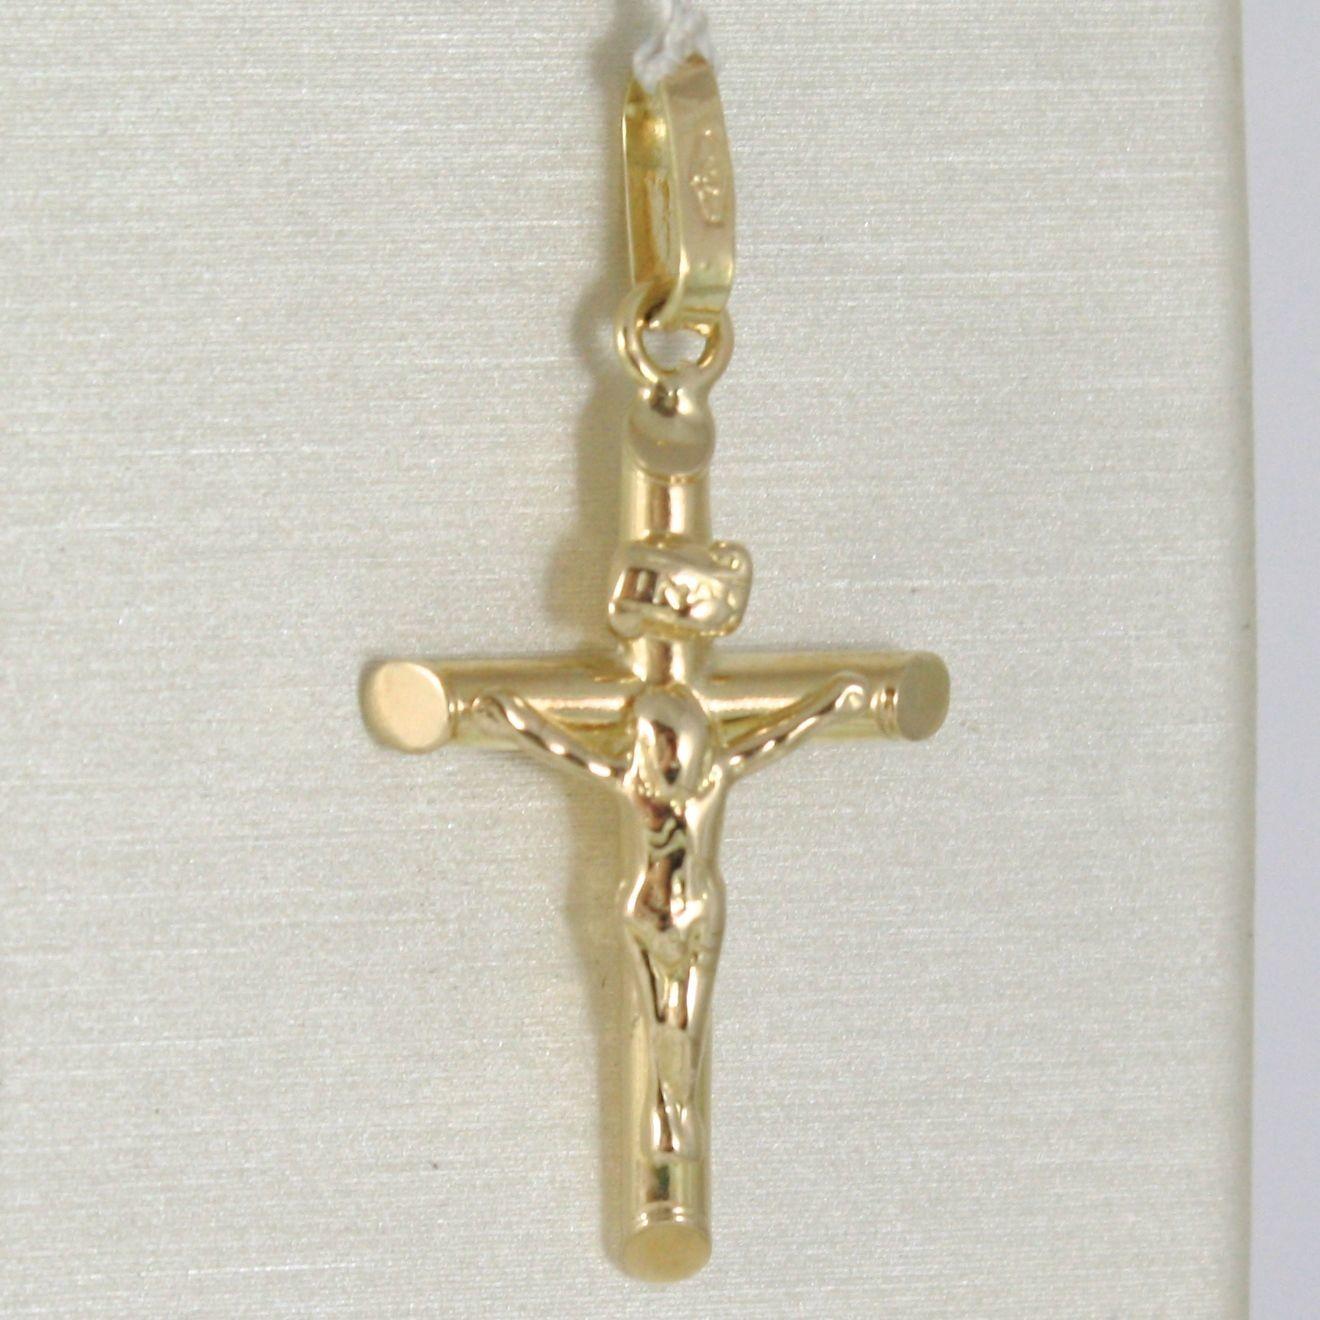 COLGANTE DE LA CRUZ ORO AMARILLO O BLANCO 750 18 CT,TUBO,CON CRISTO,JESUS,